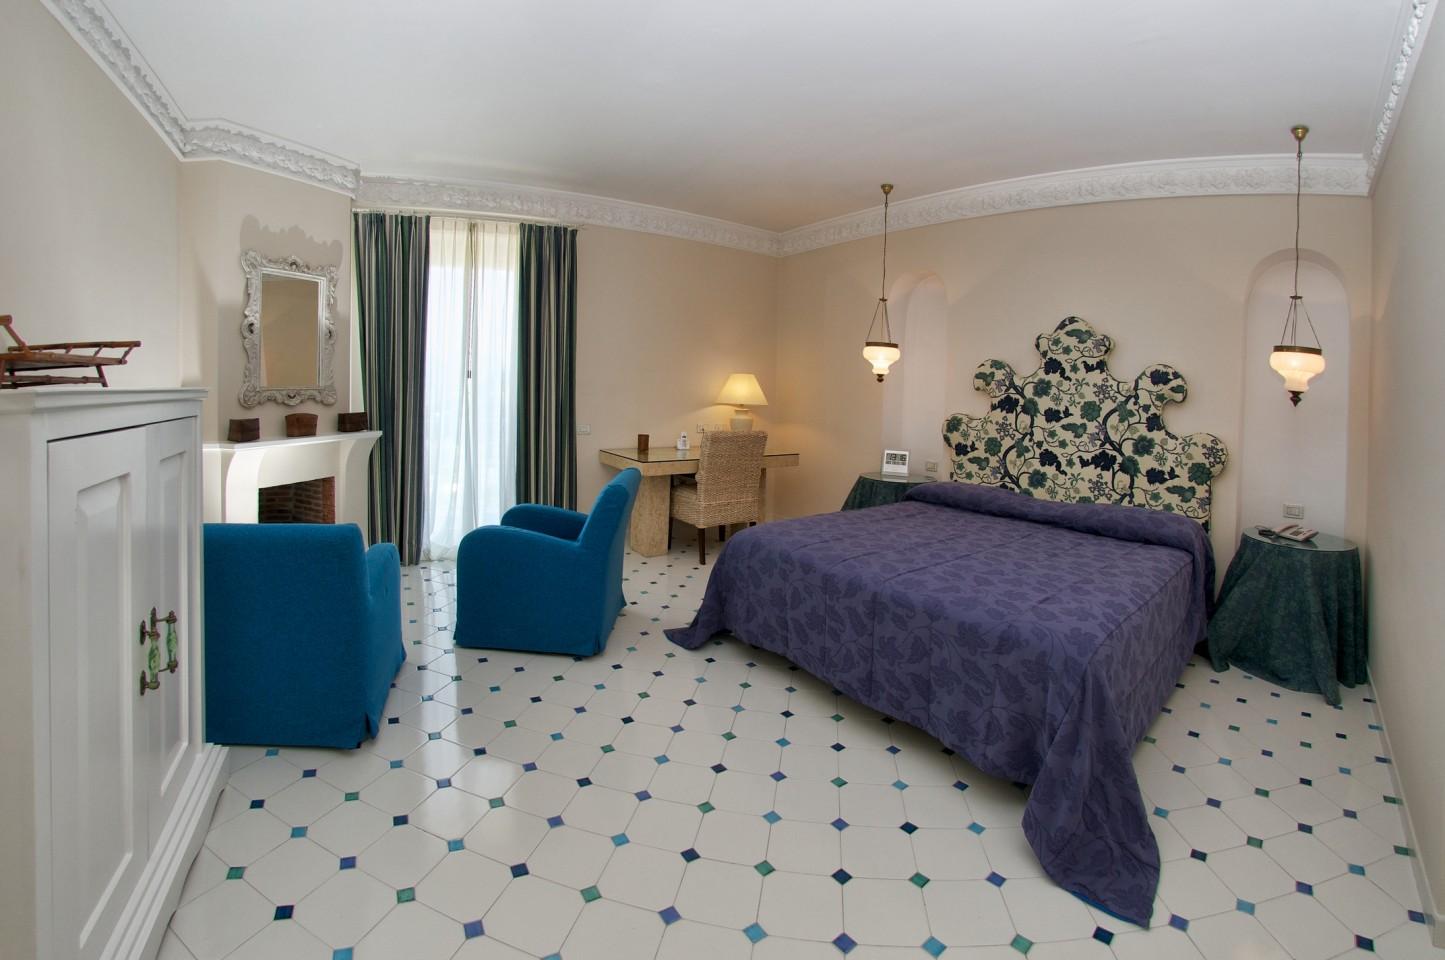 Sorrento Hotels Grand Hotel Aminta Sorrento Italy 4 Star Hotel